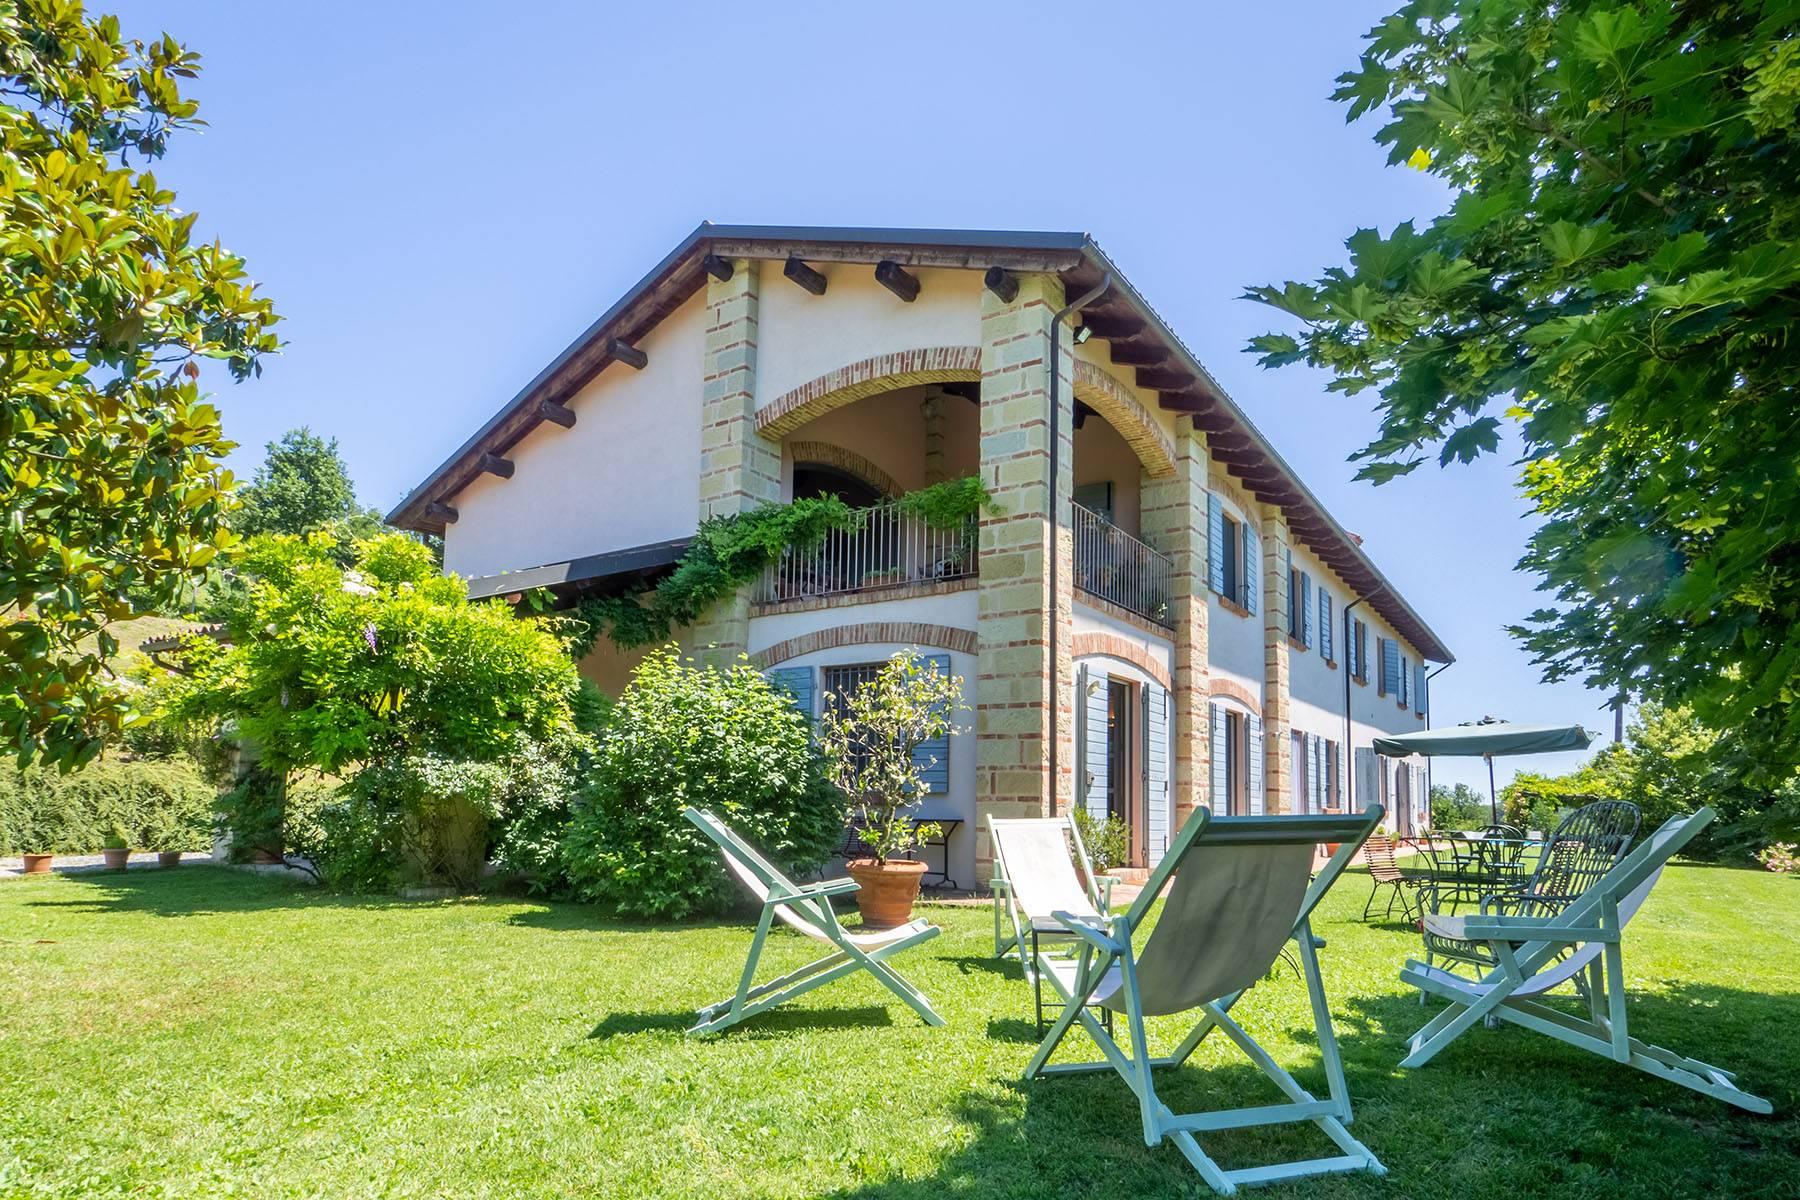 Rustico in Vendita a Ponzano Monferrato:  5 locali, 560 mq  - Foto 1